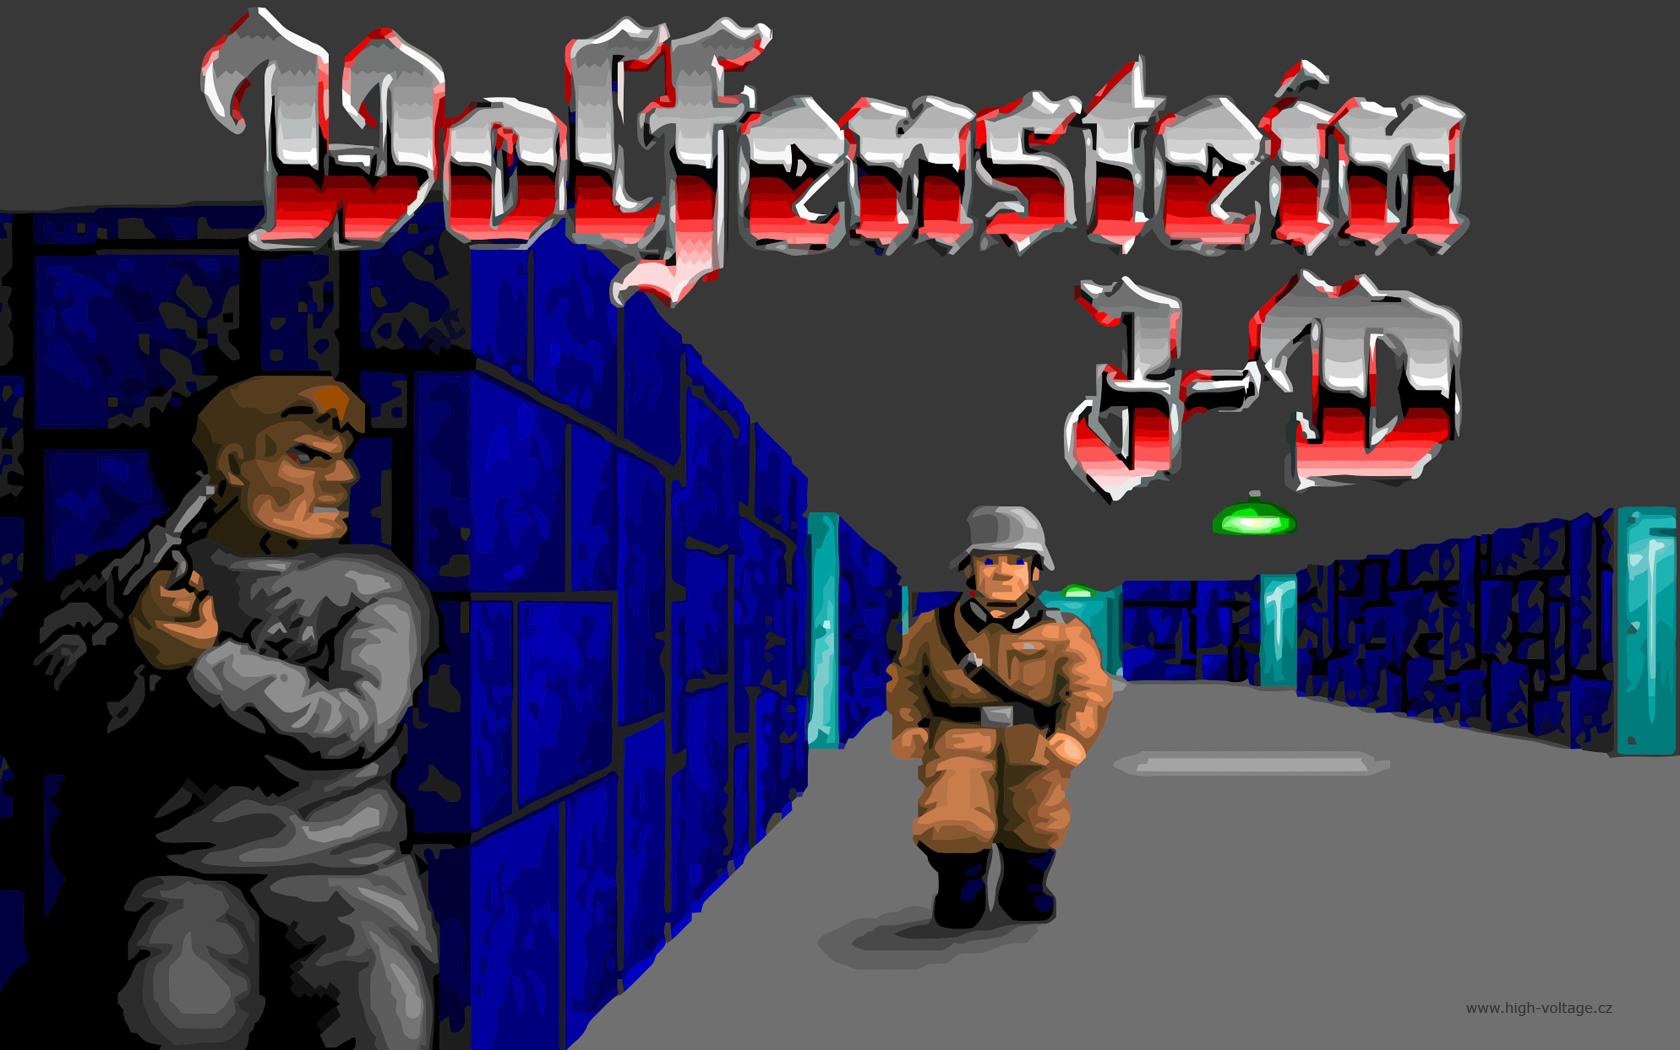 Wolfenstein va de camino a la pantalla grande [Cine]